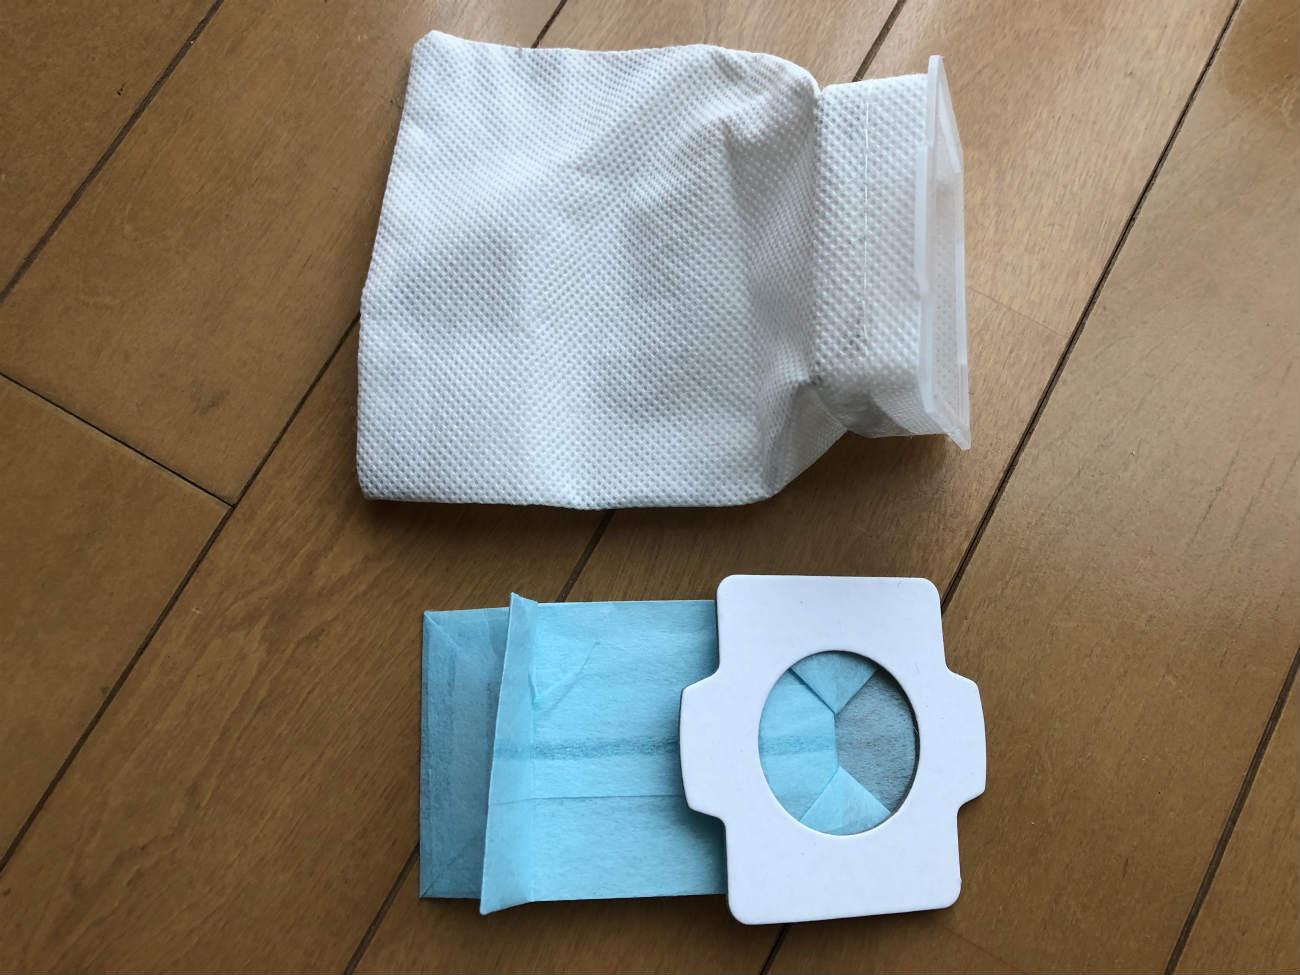 マキタの掃除機の紙パックとダストパック